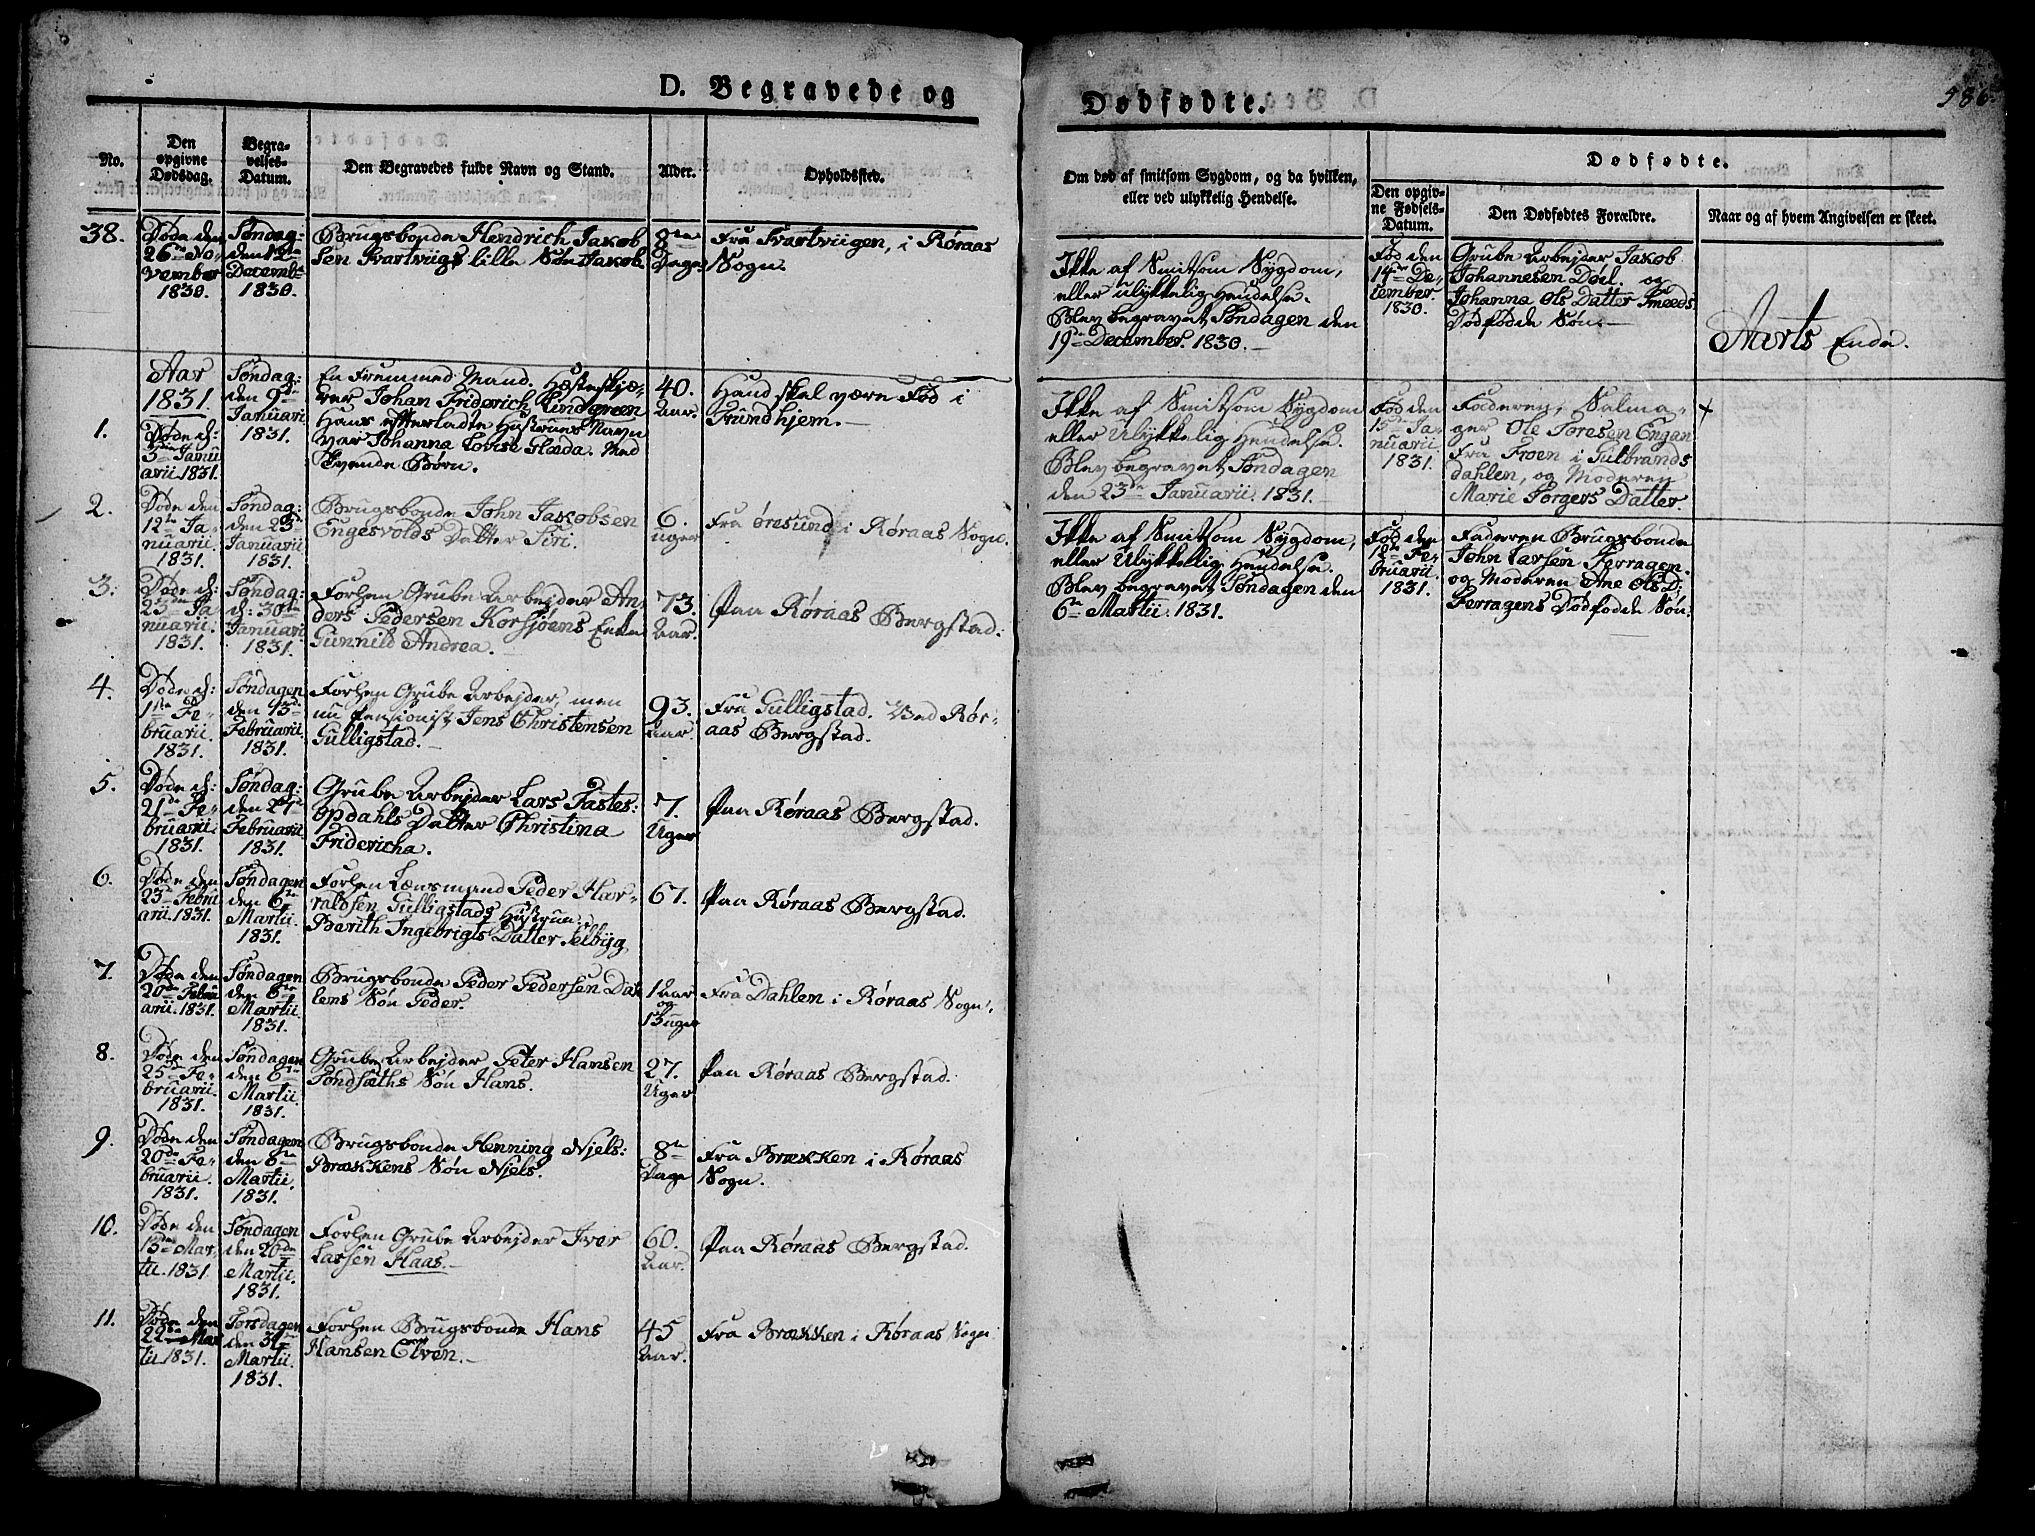 SAT, Ministerialprotokoller, klokkerbøker og fødselsregistre - Sør-Trøndelag, 681/L0939: Klokkerbok nr. 681C03, 1829-1855, s. 586